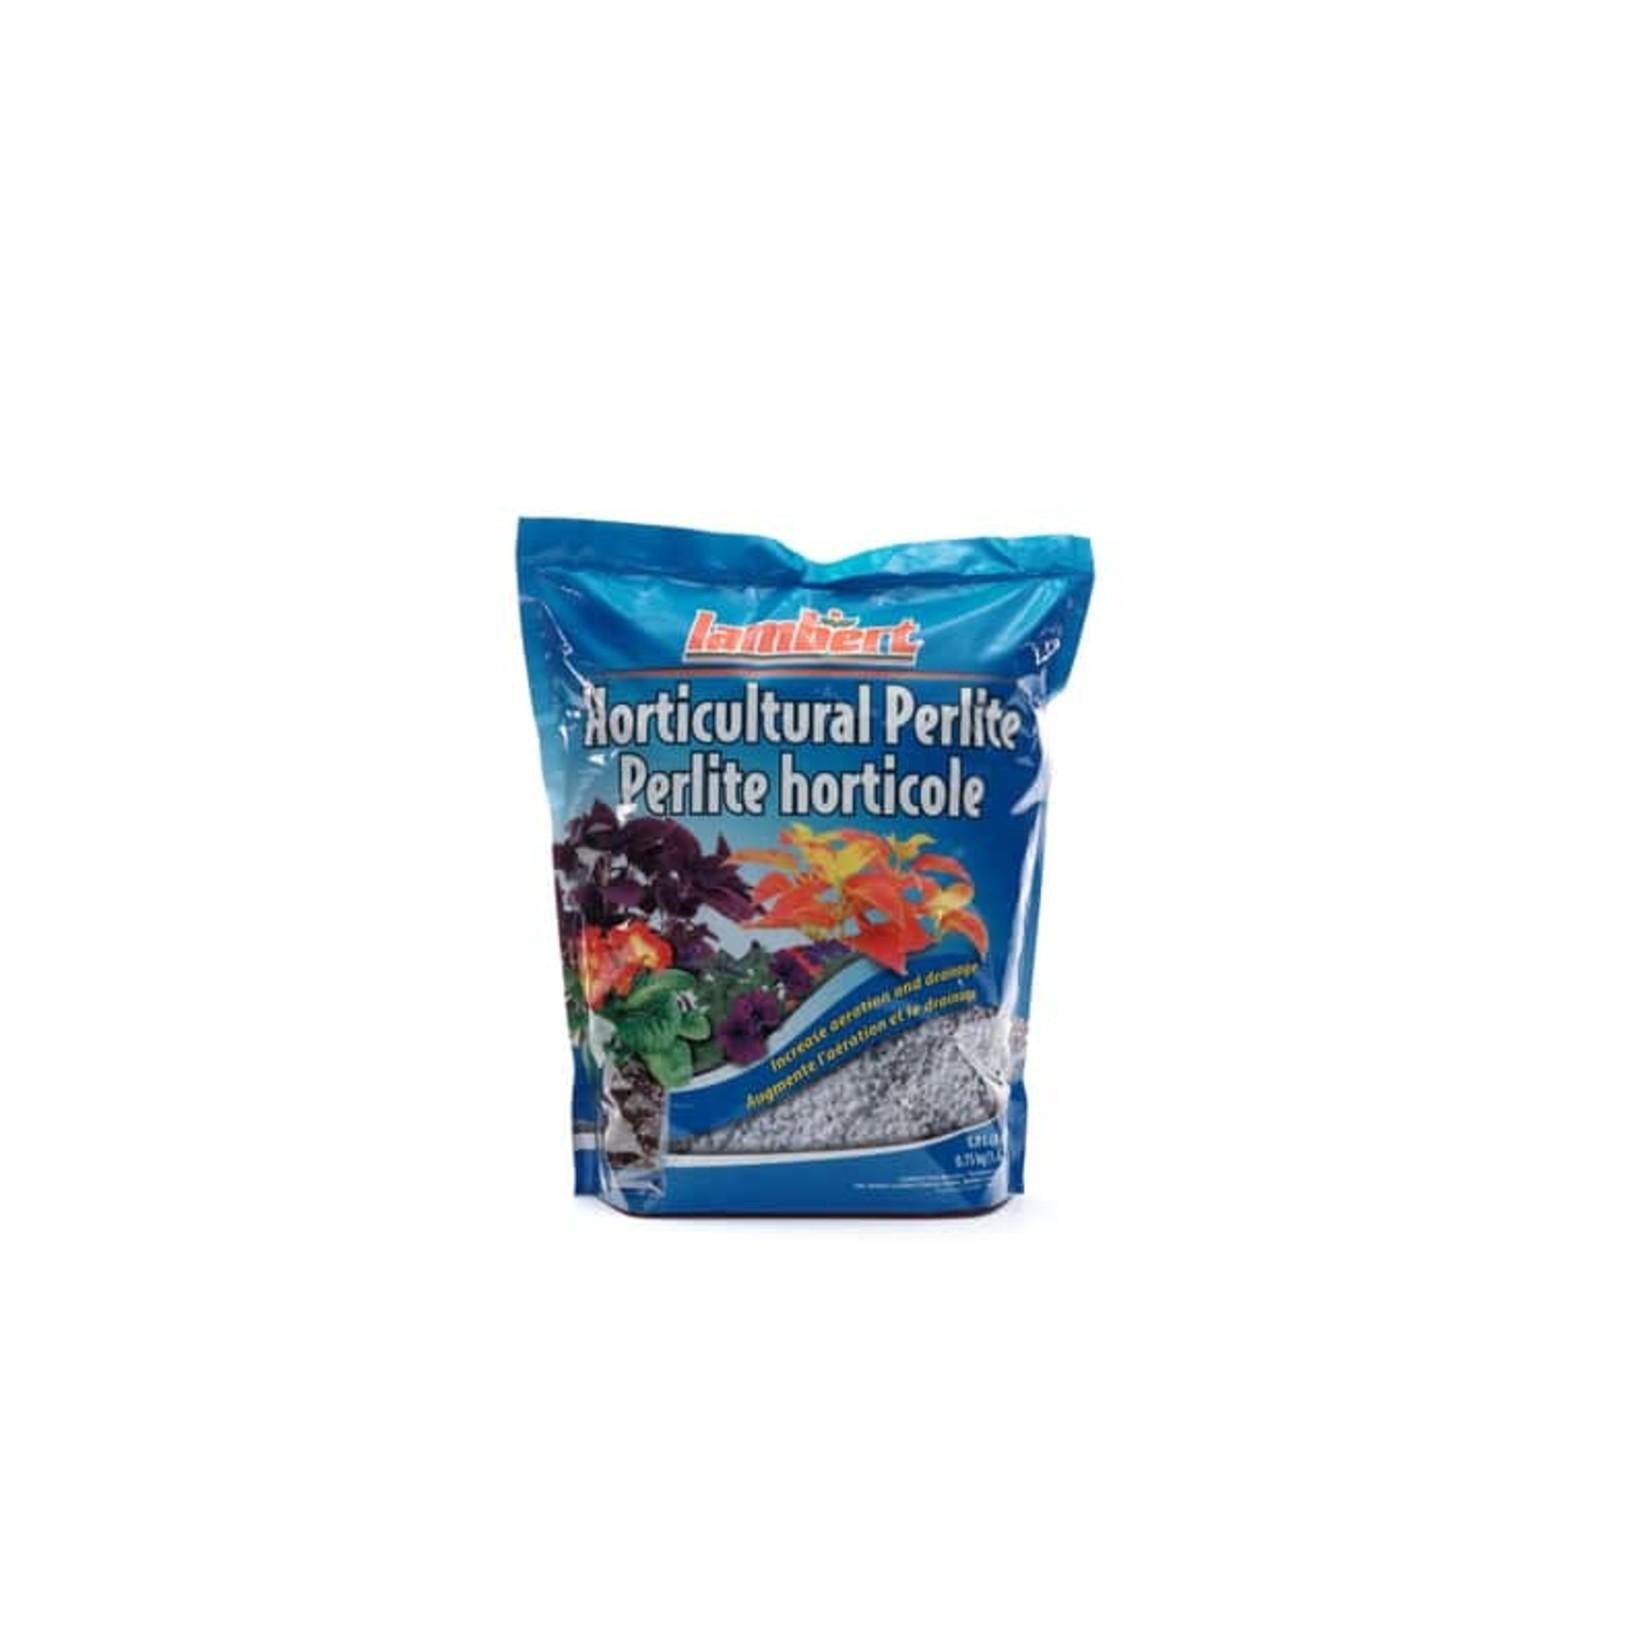 Lambert Horticultural Perlite - 8.8L